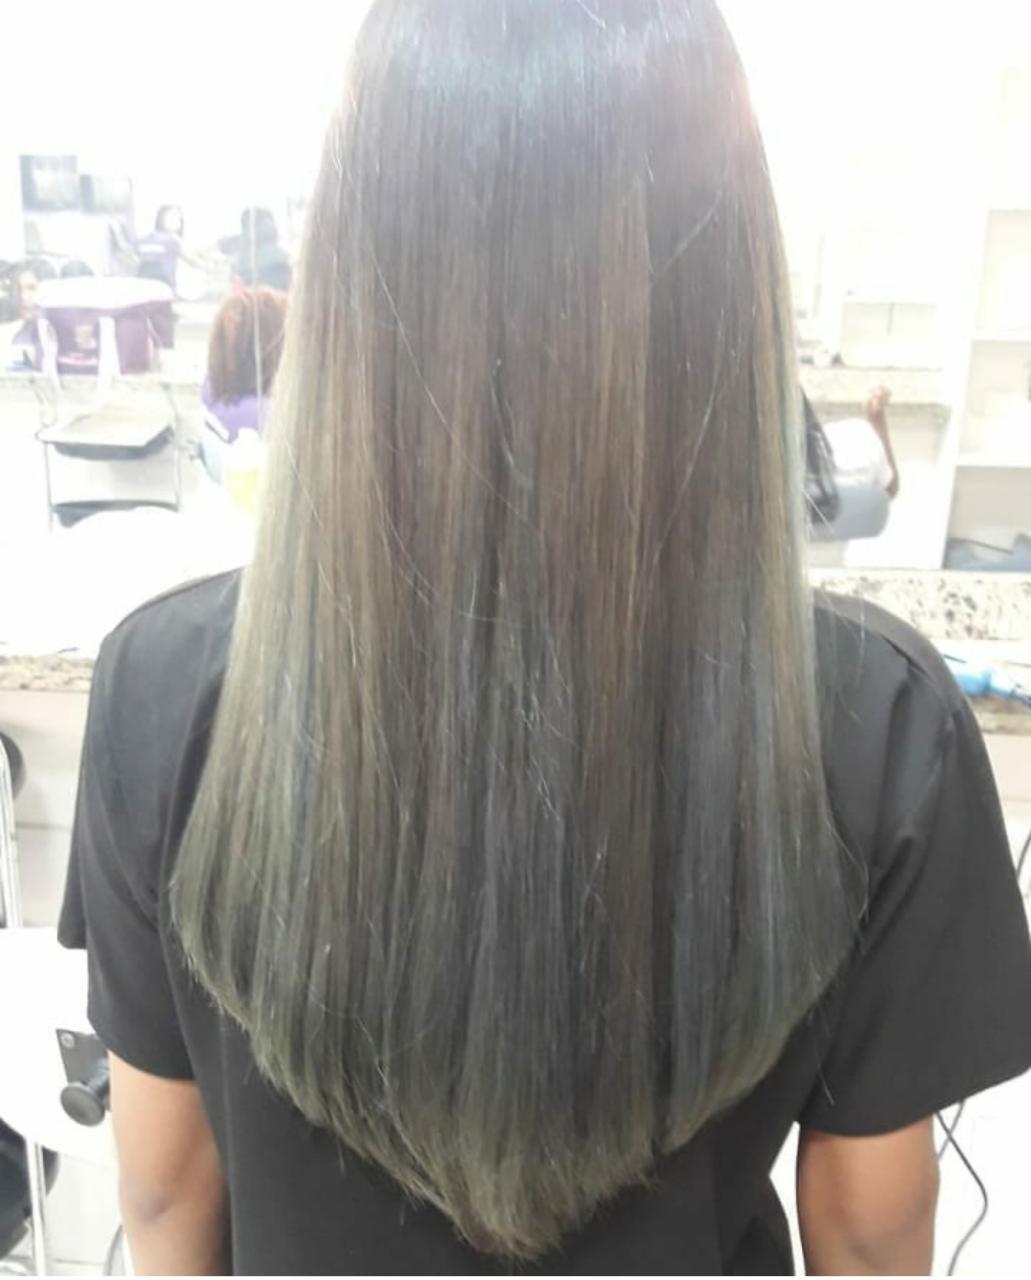 #cortev #hair #cabelo #loira #corte #morena #ombrehair  cabelo auxiliar cabeleireiro(a) maquiador(a) cabeleireiro(a)